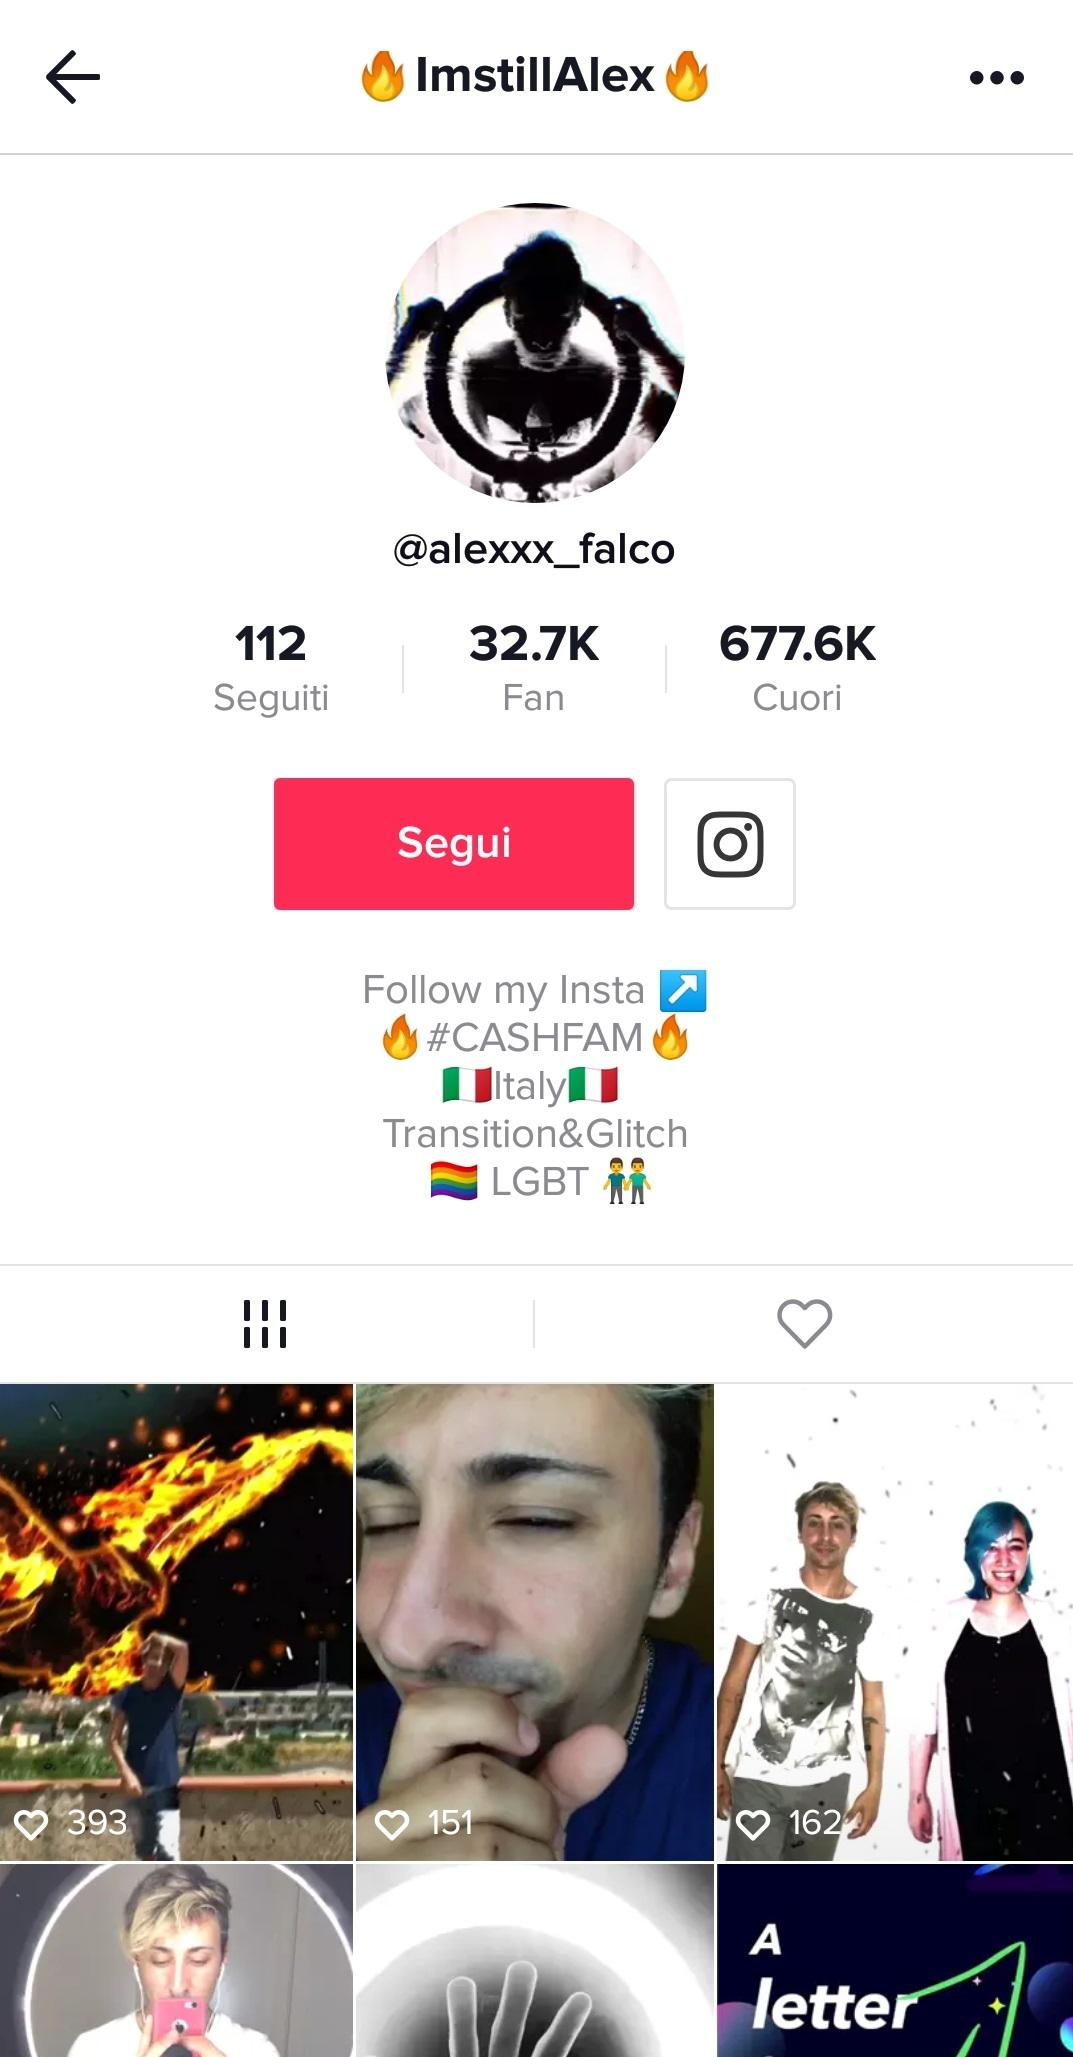 alex falco 2